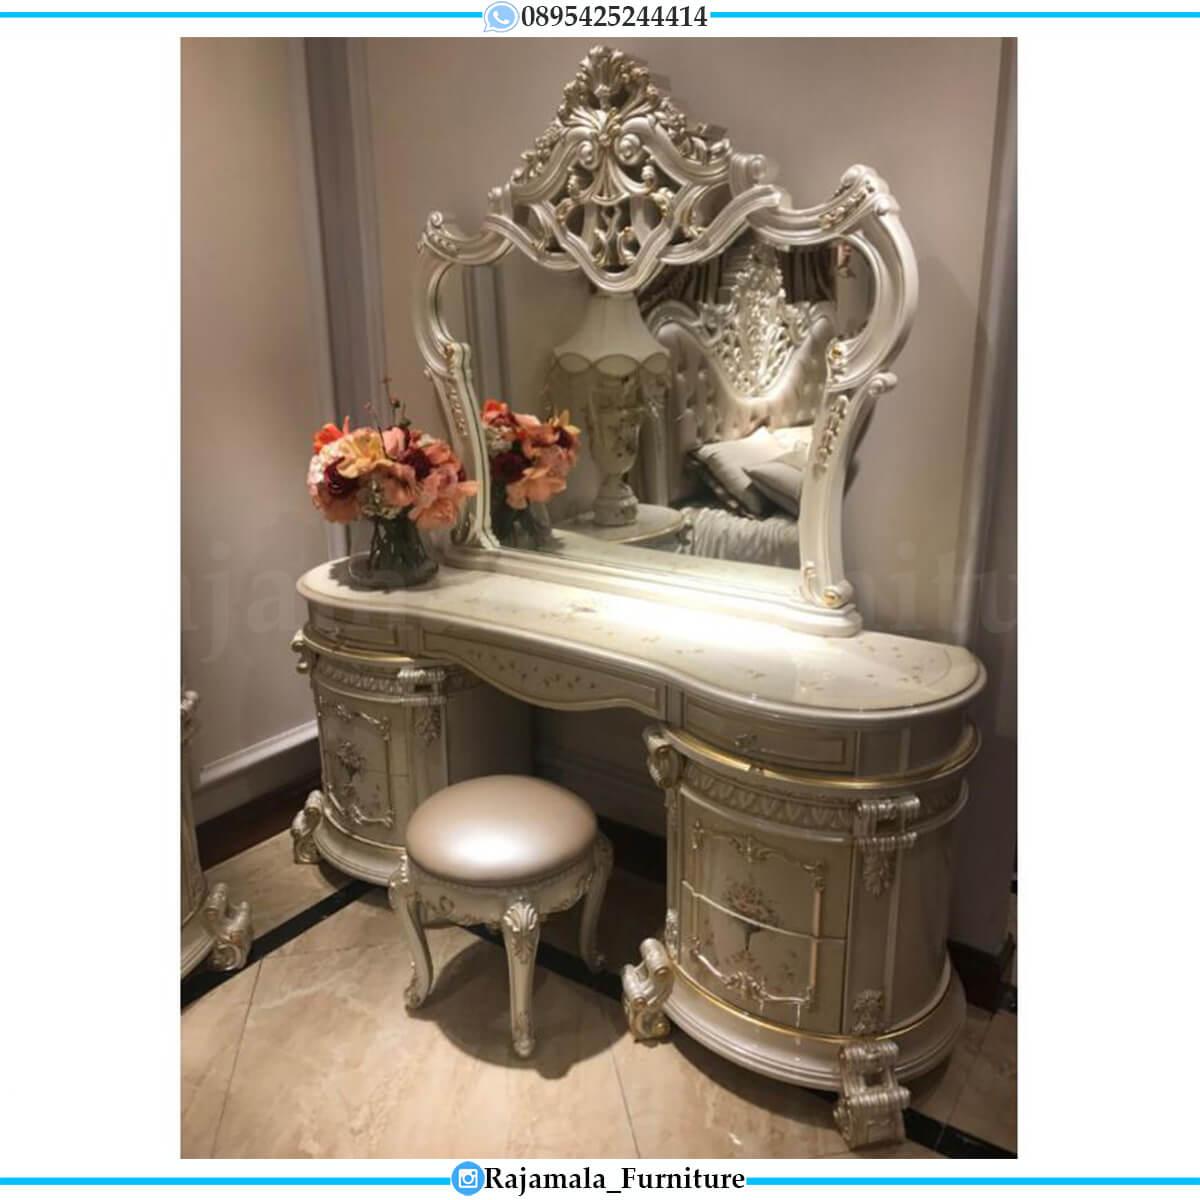 Harga Meja Rias Mewah Classic Luxury Furniture Jepara Terbaru RM-0584